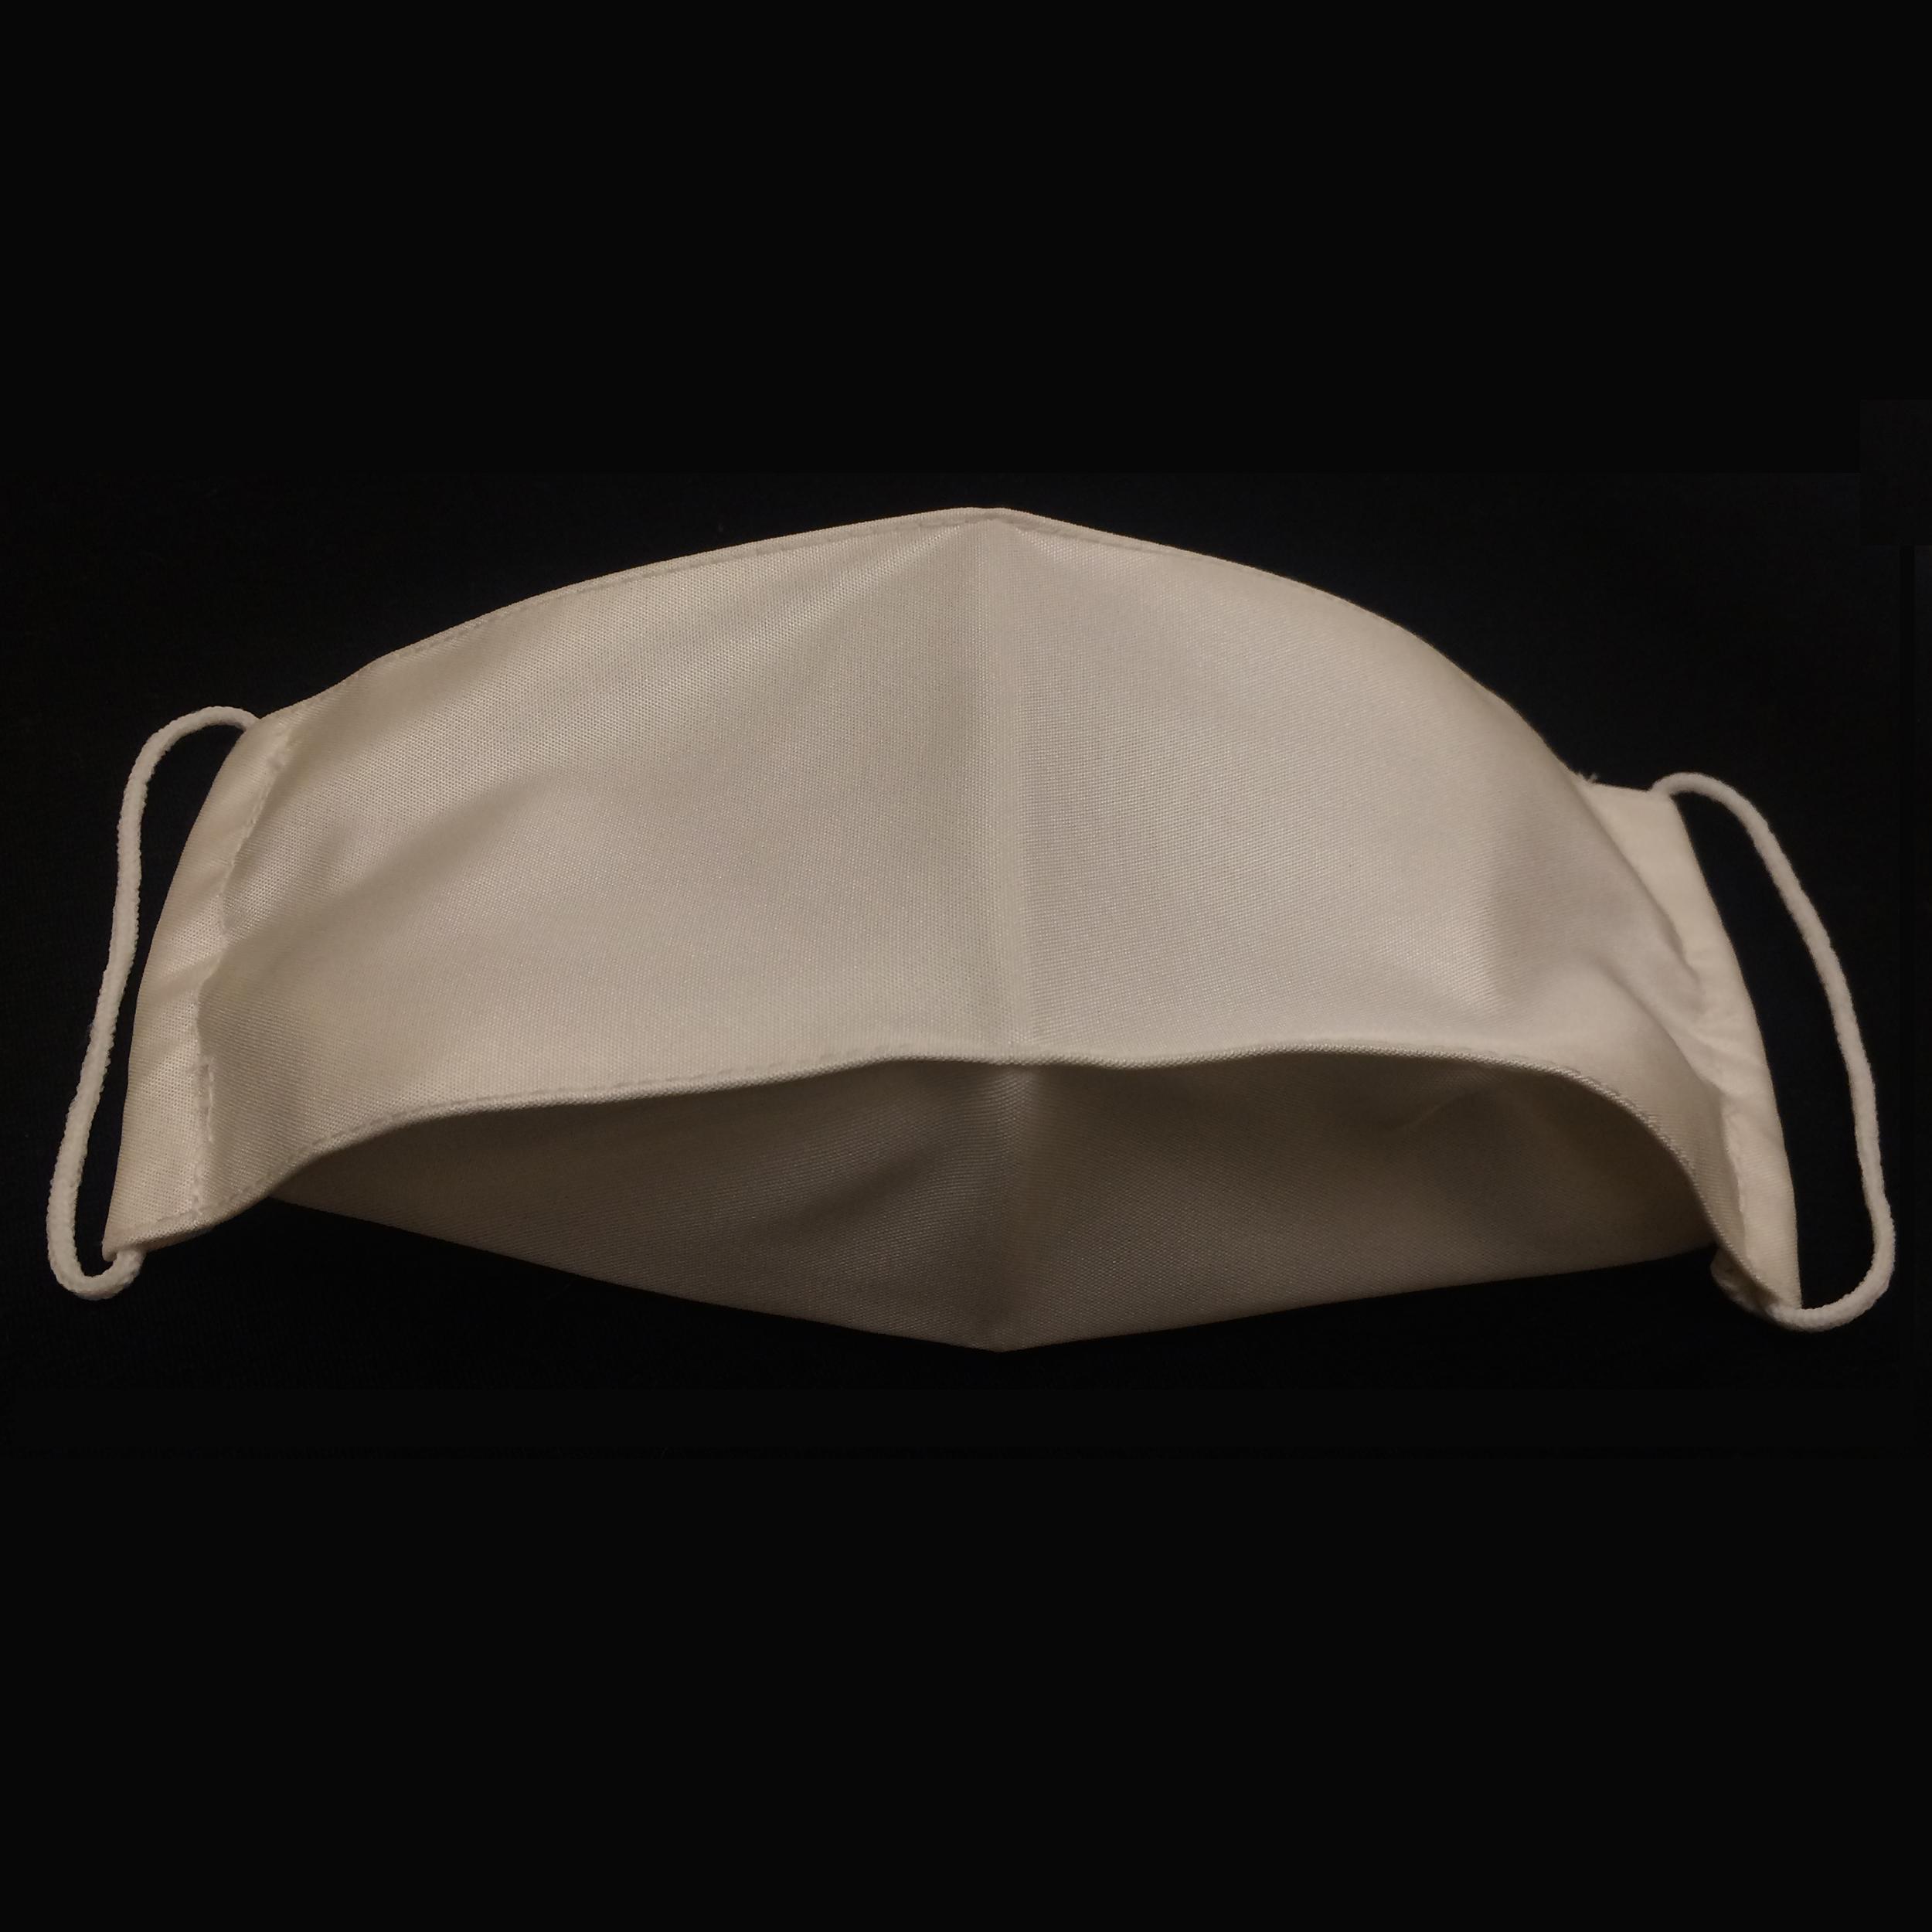 ماسک تزیینی کد AK002